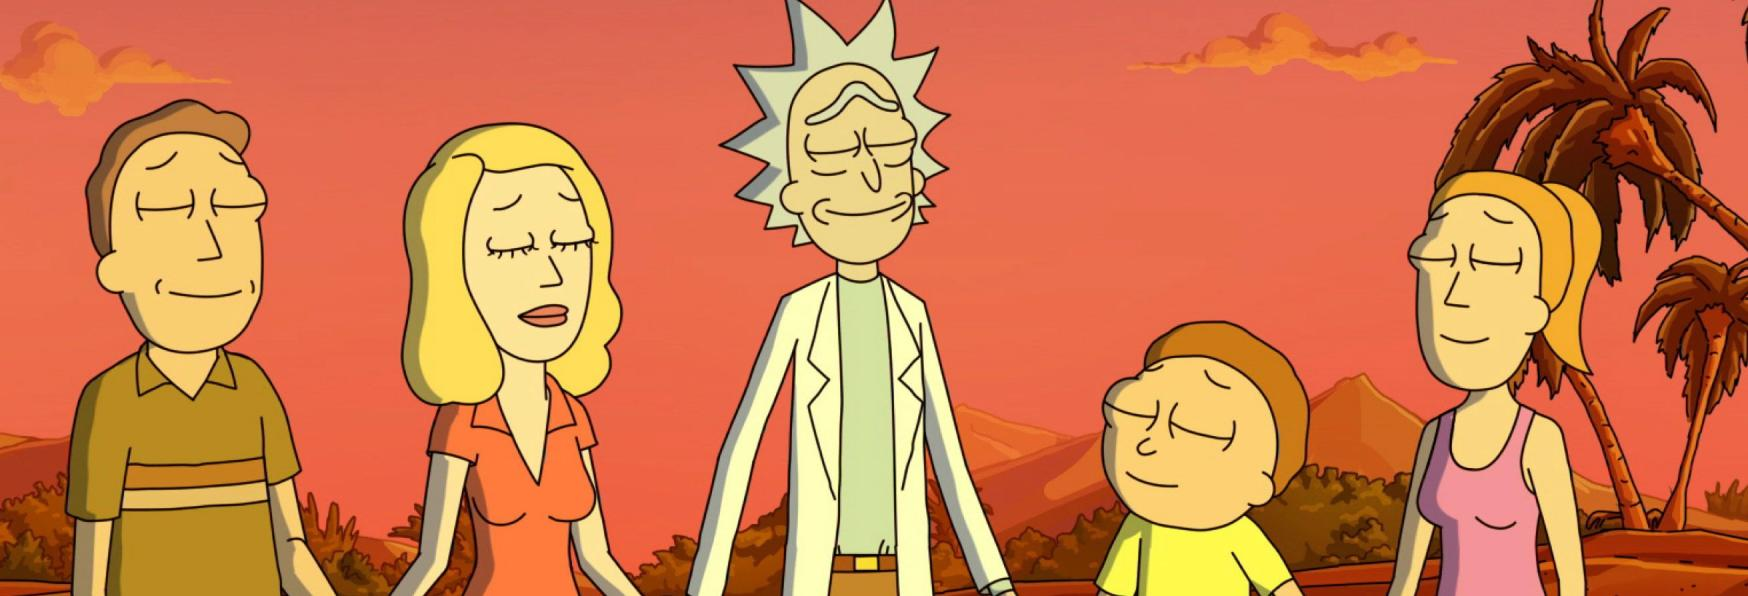 Rick and Morty 5: il Video Promozionale del Finale di Stagione